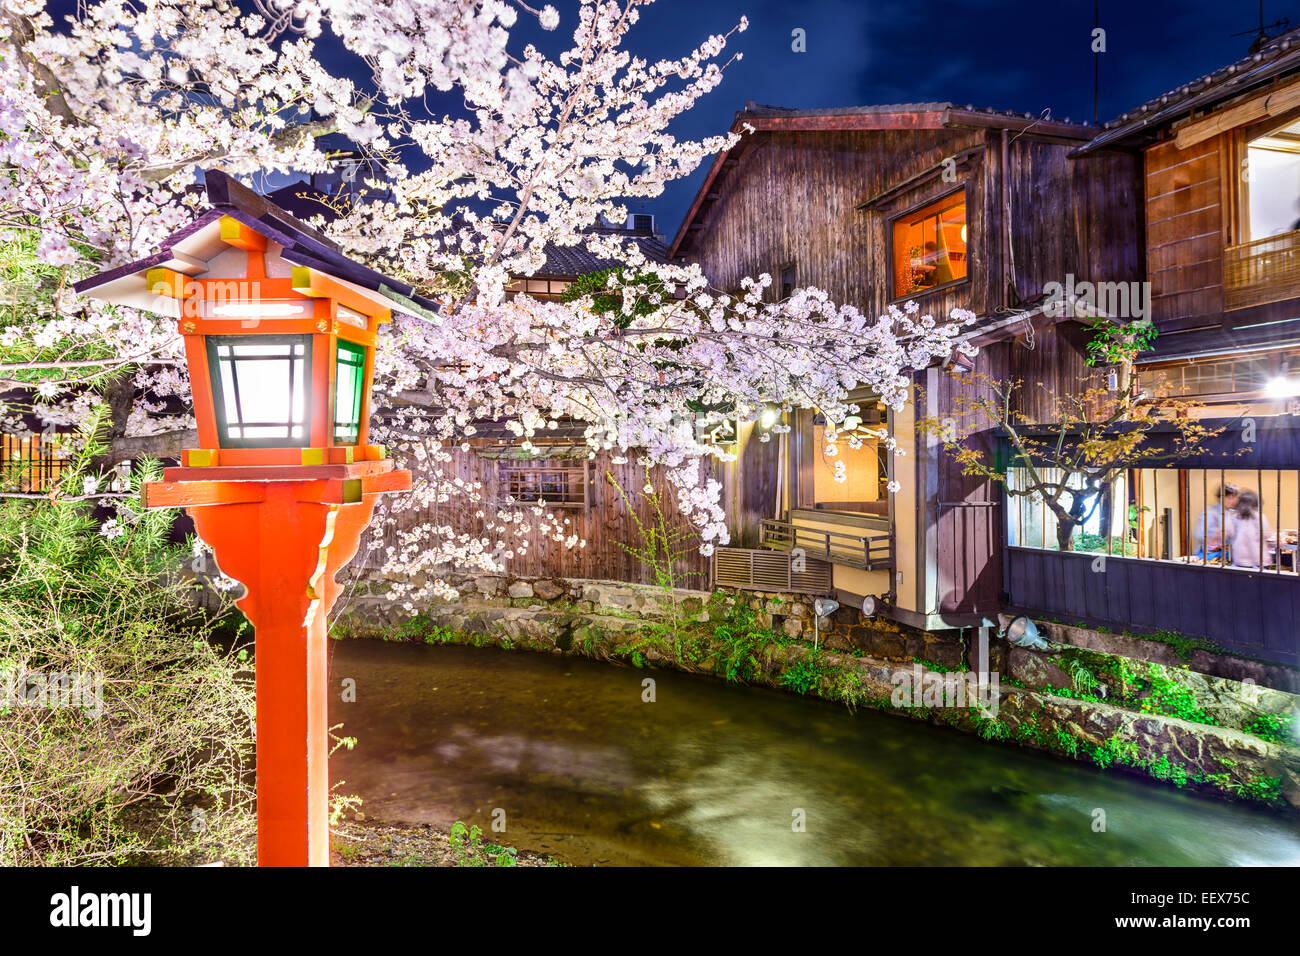 Kyoto, Japan am Fluss Shirakawa im Stadtteil Gion während der Kirschblüte Frühjahrssaison. Stockbild